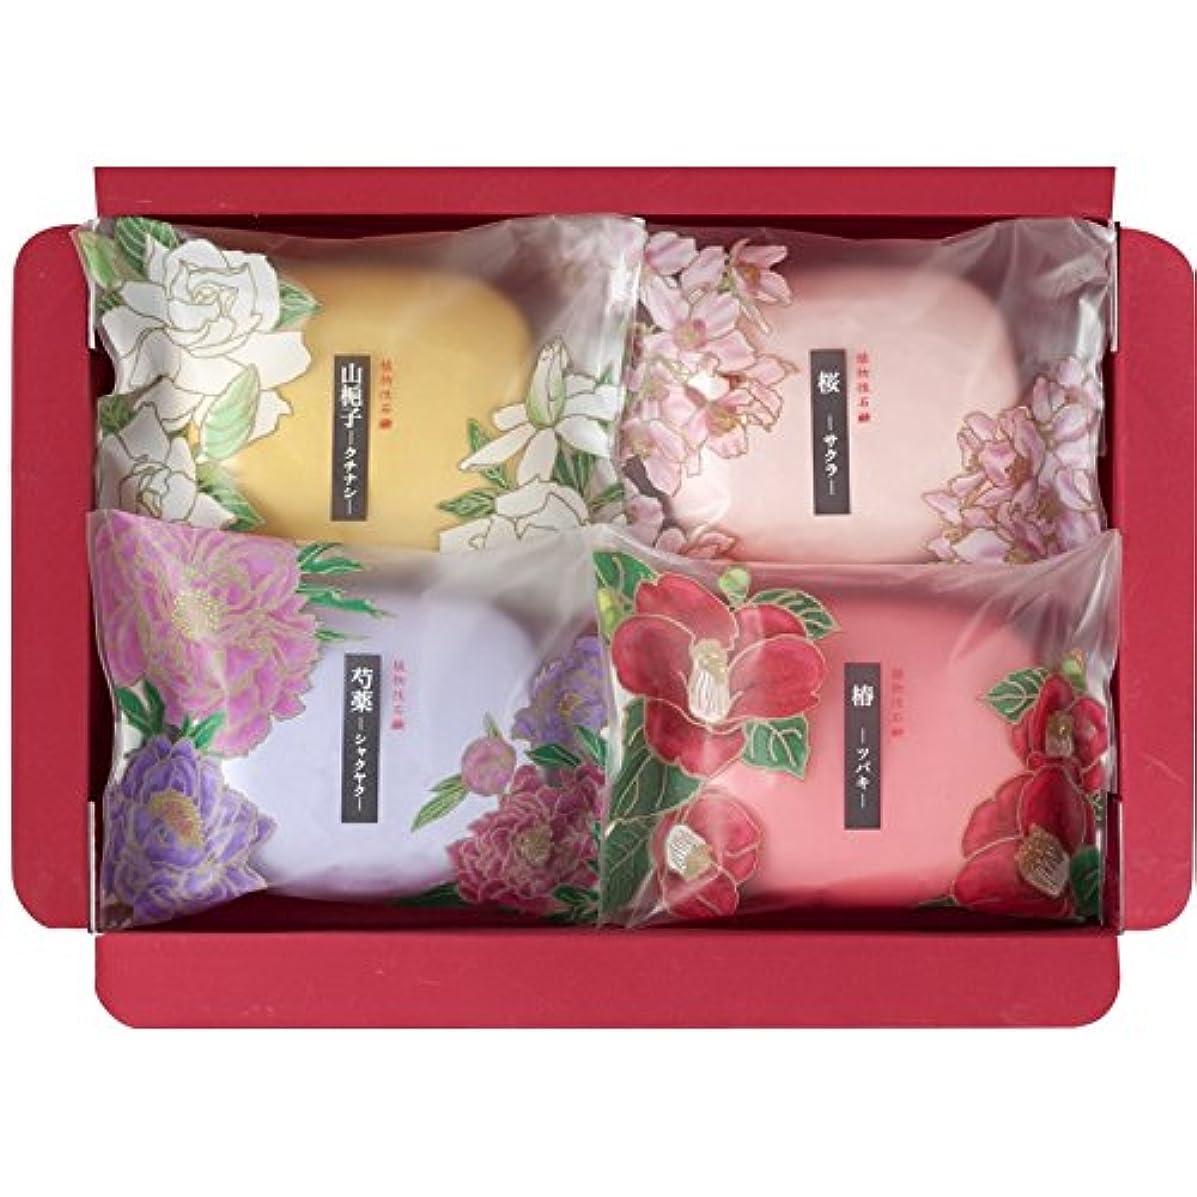 無能奪うまあ彩花だより SAK-05 【石けん 石鹸 うるおい いい香り 固形 詰め合わせ セット 良い香り 美容 個包装 肌に優しい 日本製】